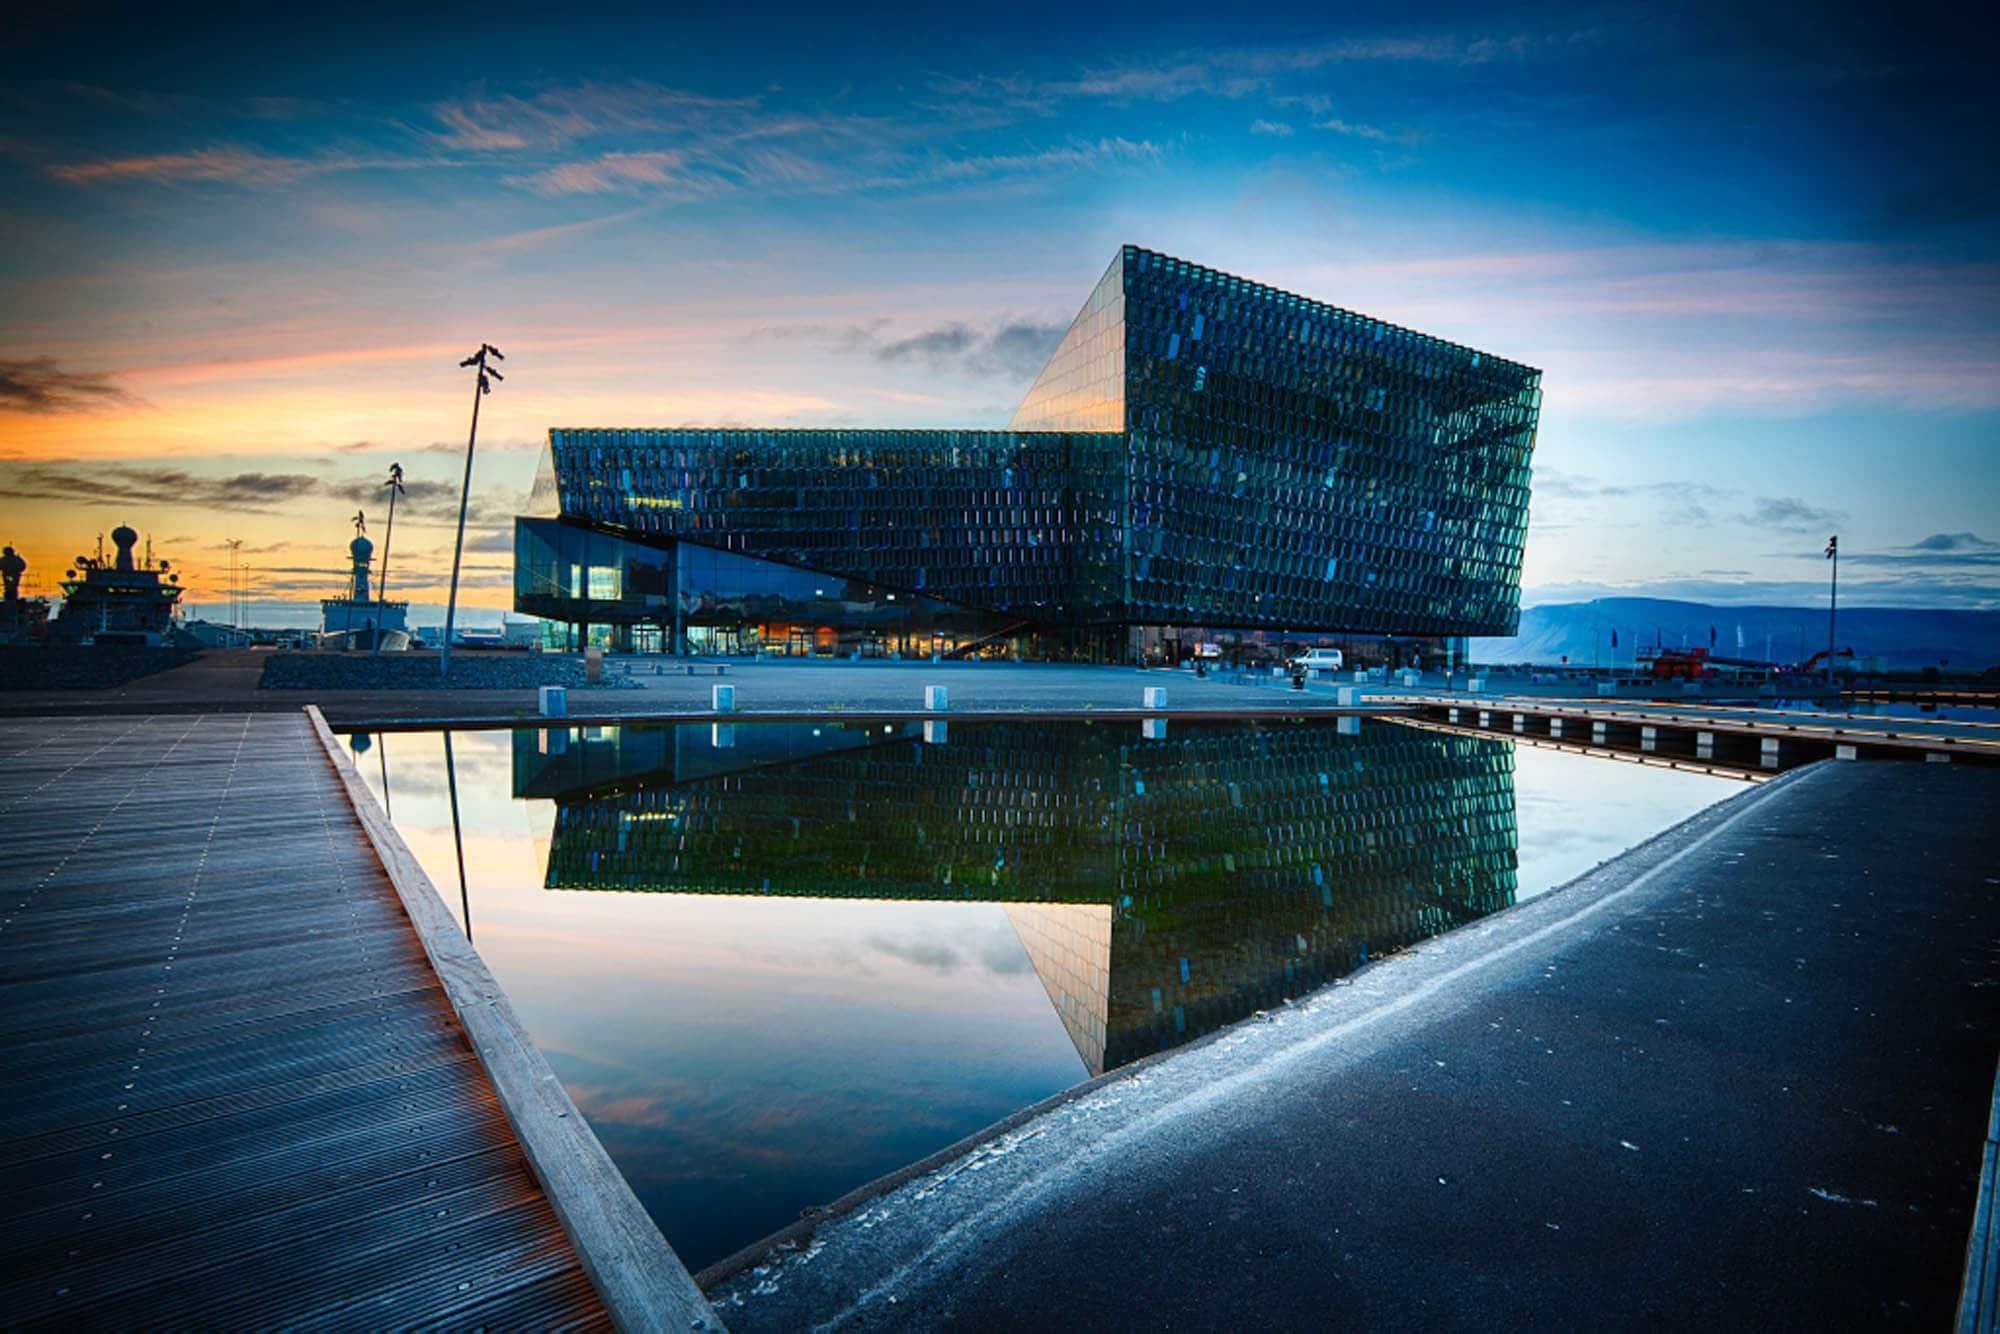 Harpa in Reykjavik at sunset